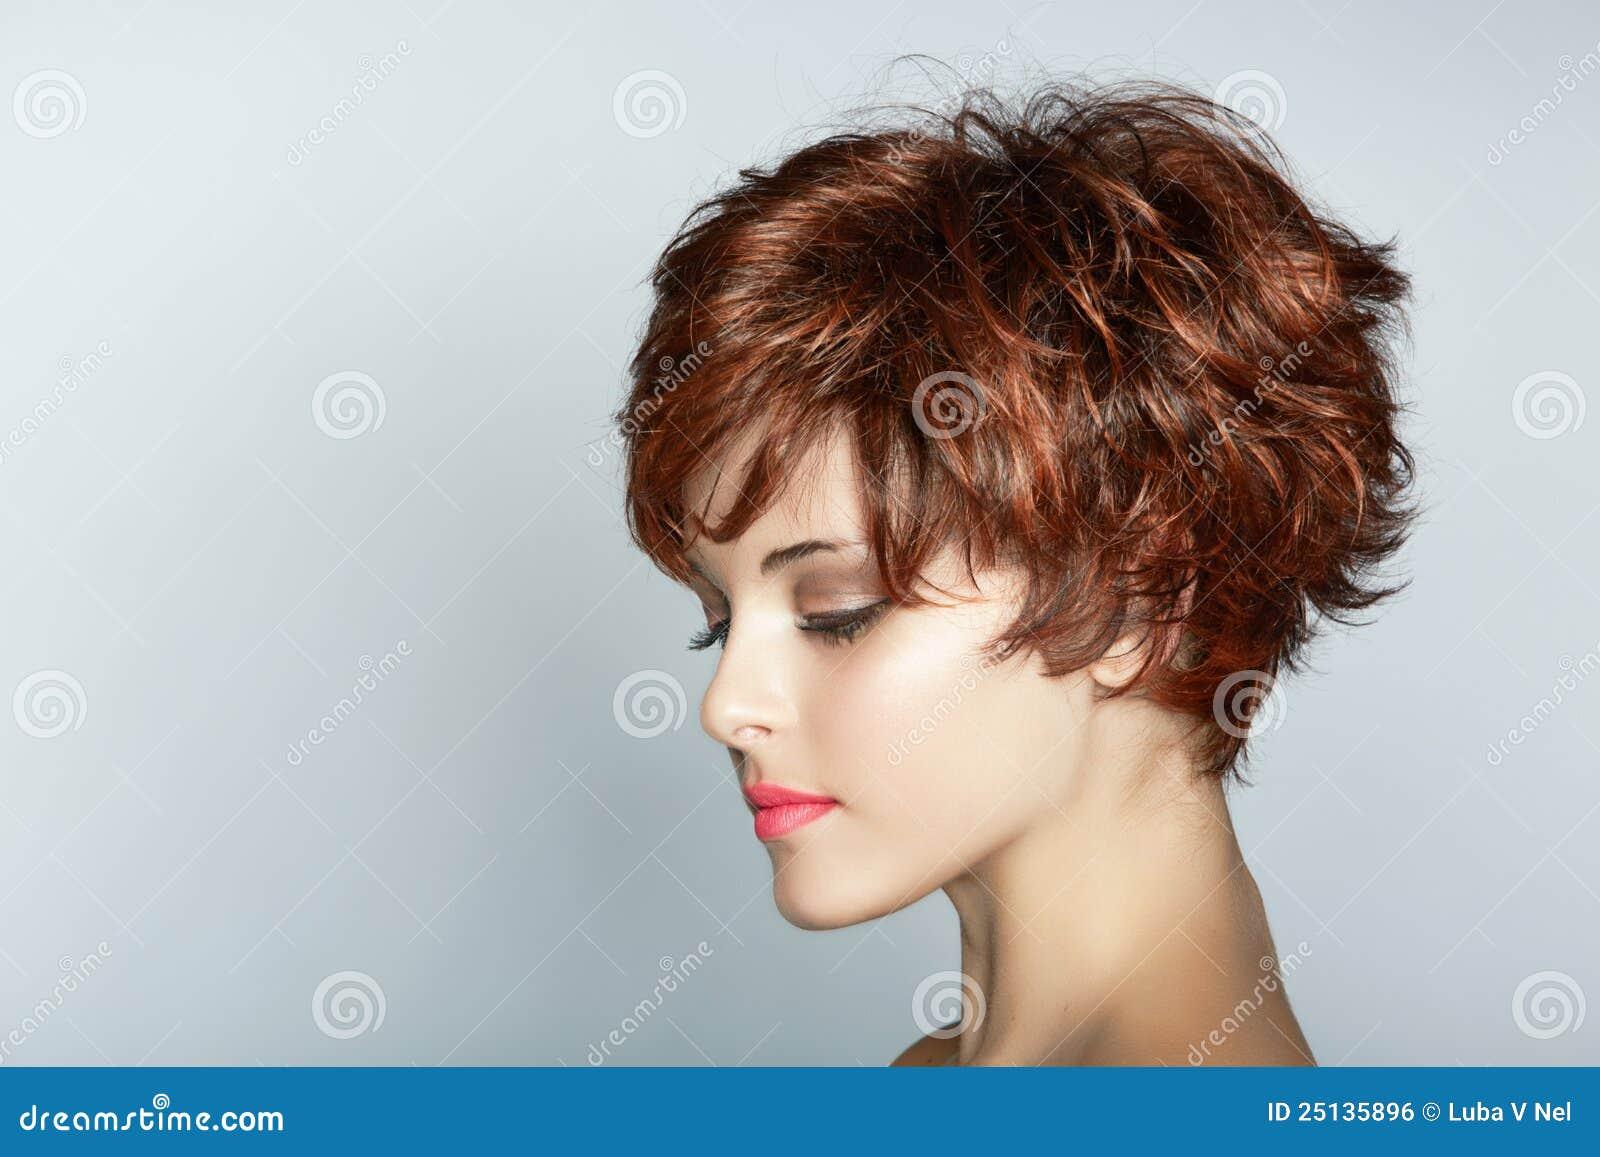 femme avec la coupe courte photo stock. image du courte